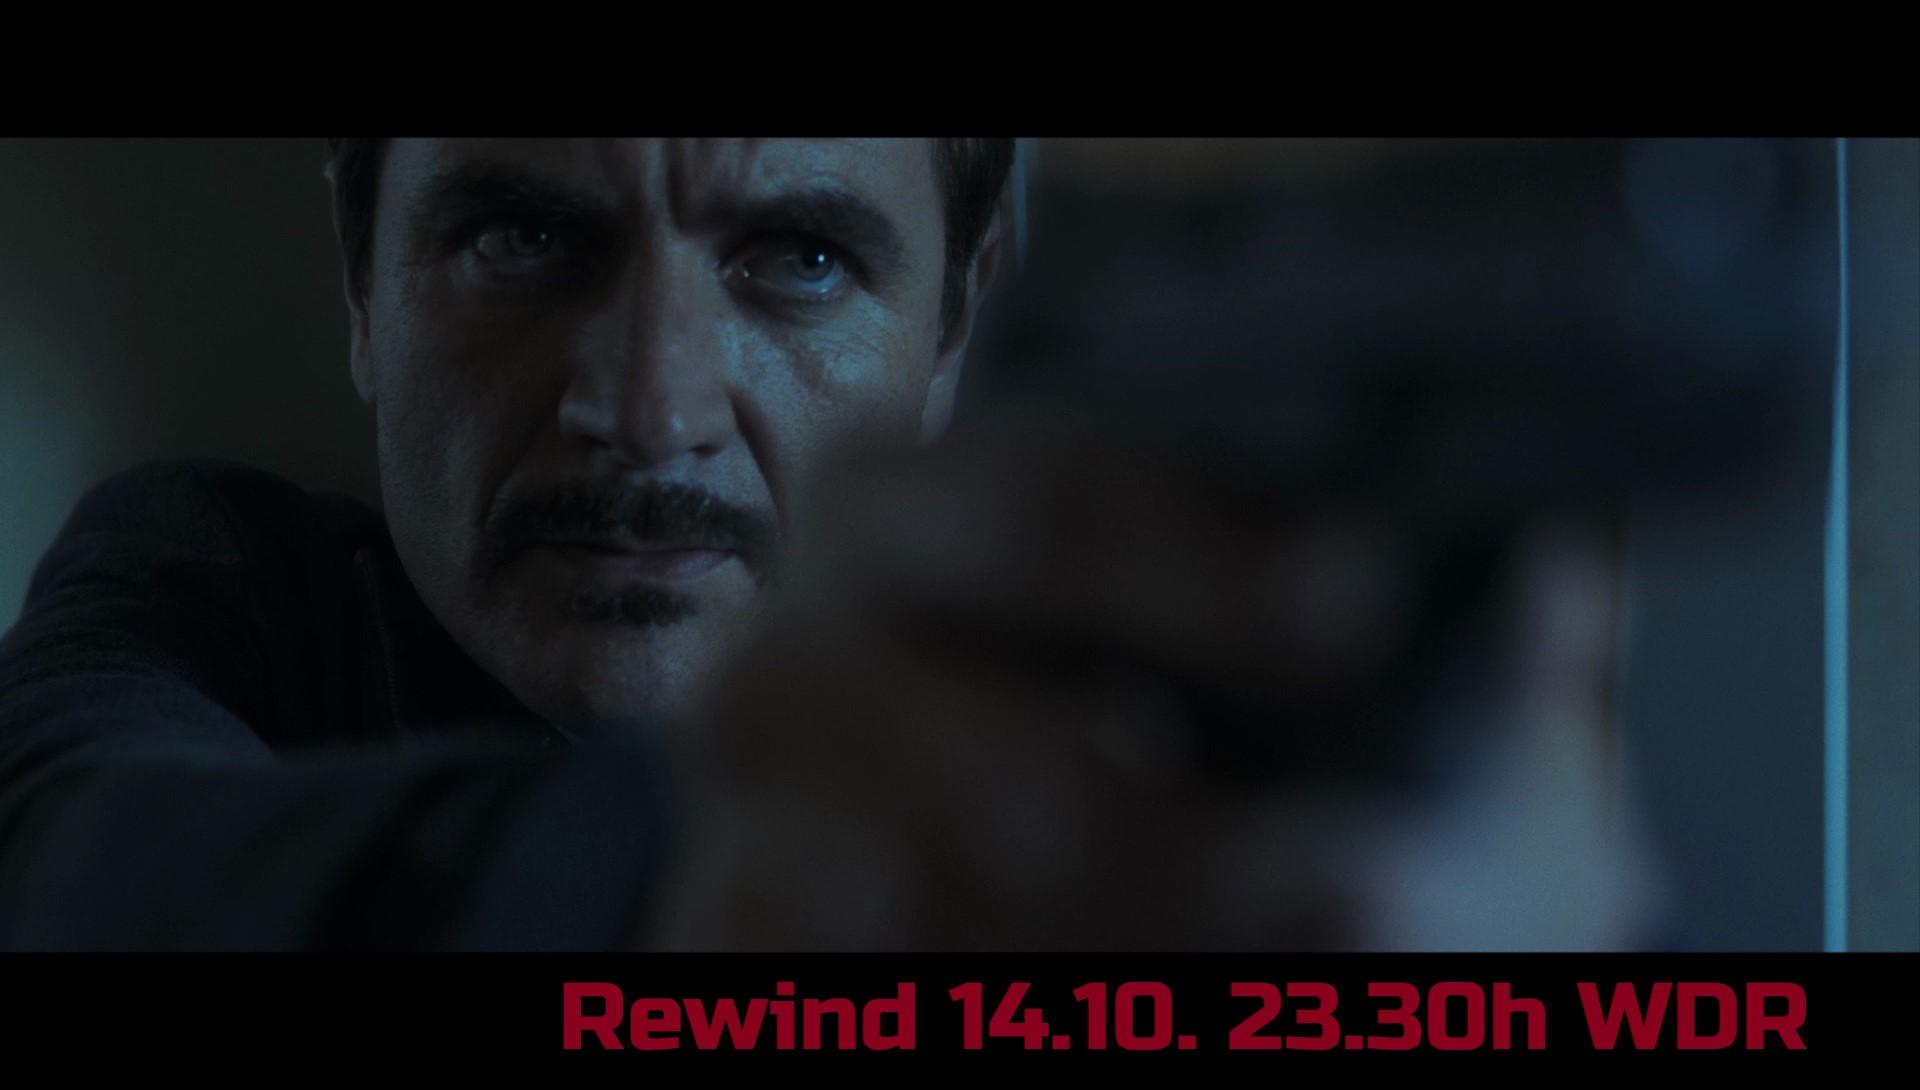 REWIND_Brendemüh_wdr